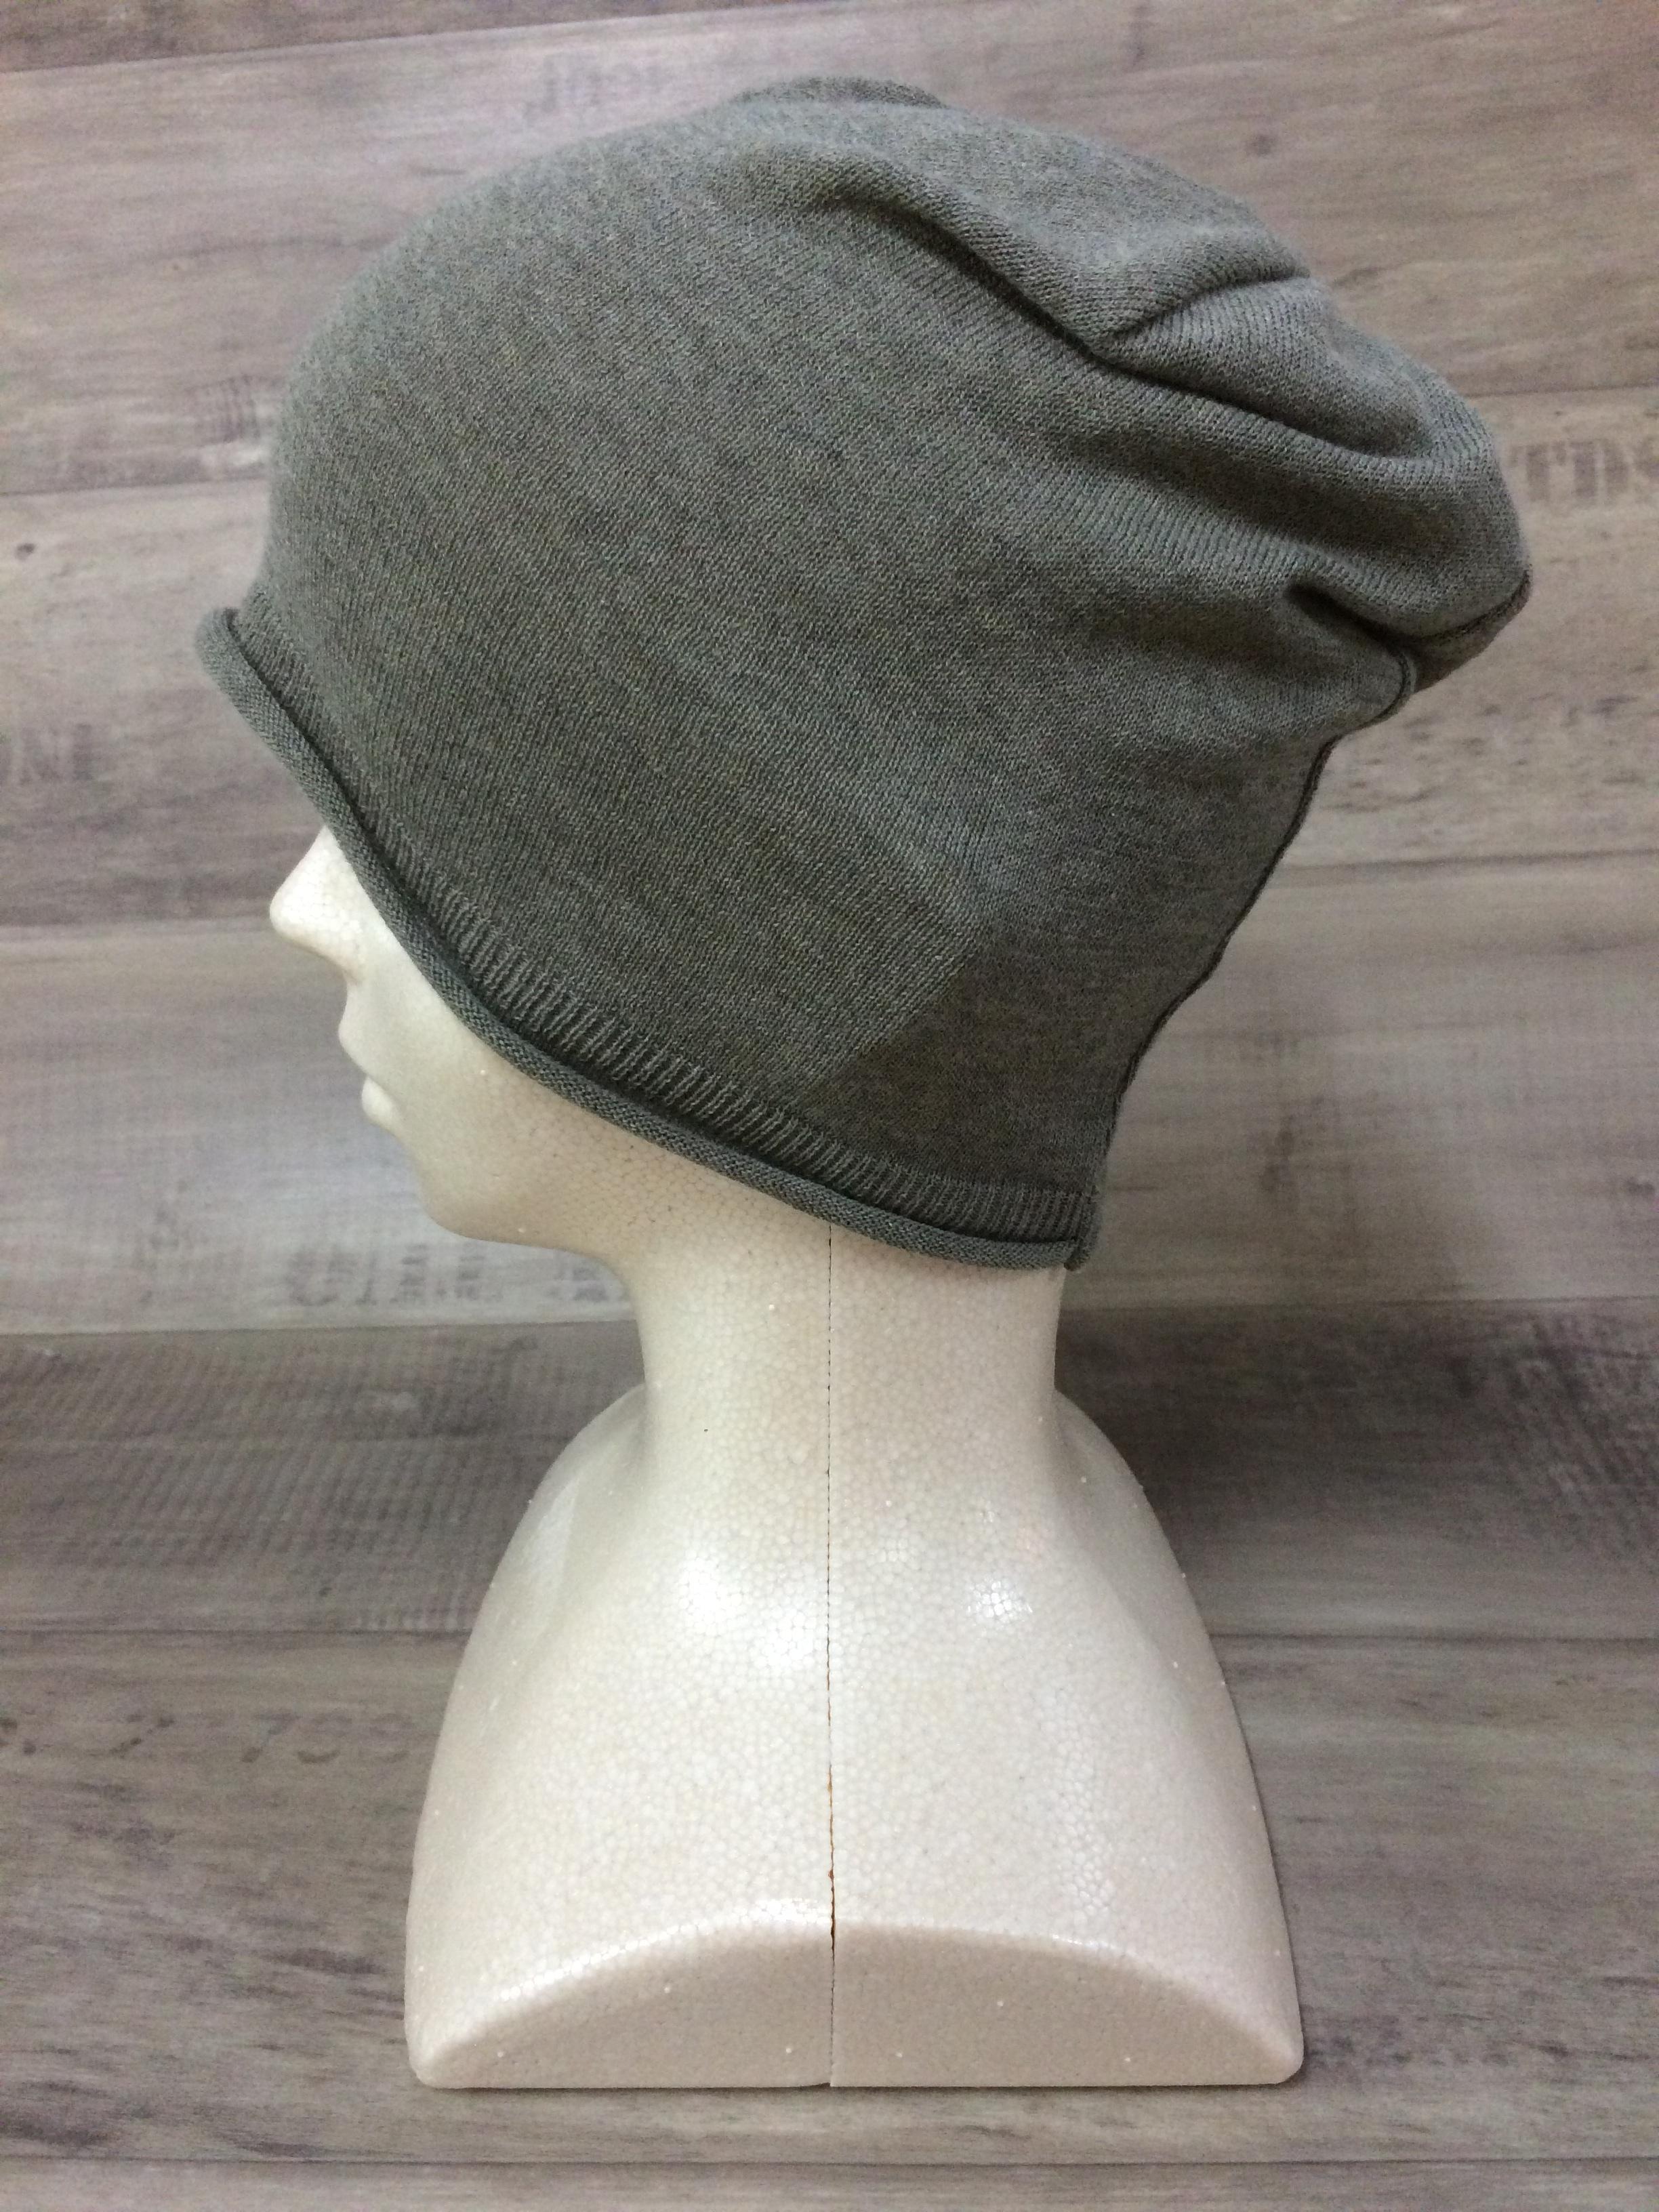 【送料無料】こころが軽くなるニット帽子amuamu|新潟の老舗ニットメーカーが考案した抗がん治療中の脱毛ストレスを軽減する機能性と豊富なデザイン NB-6058|玉露 <オーガニックコットン アウター>